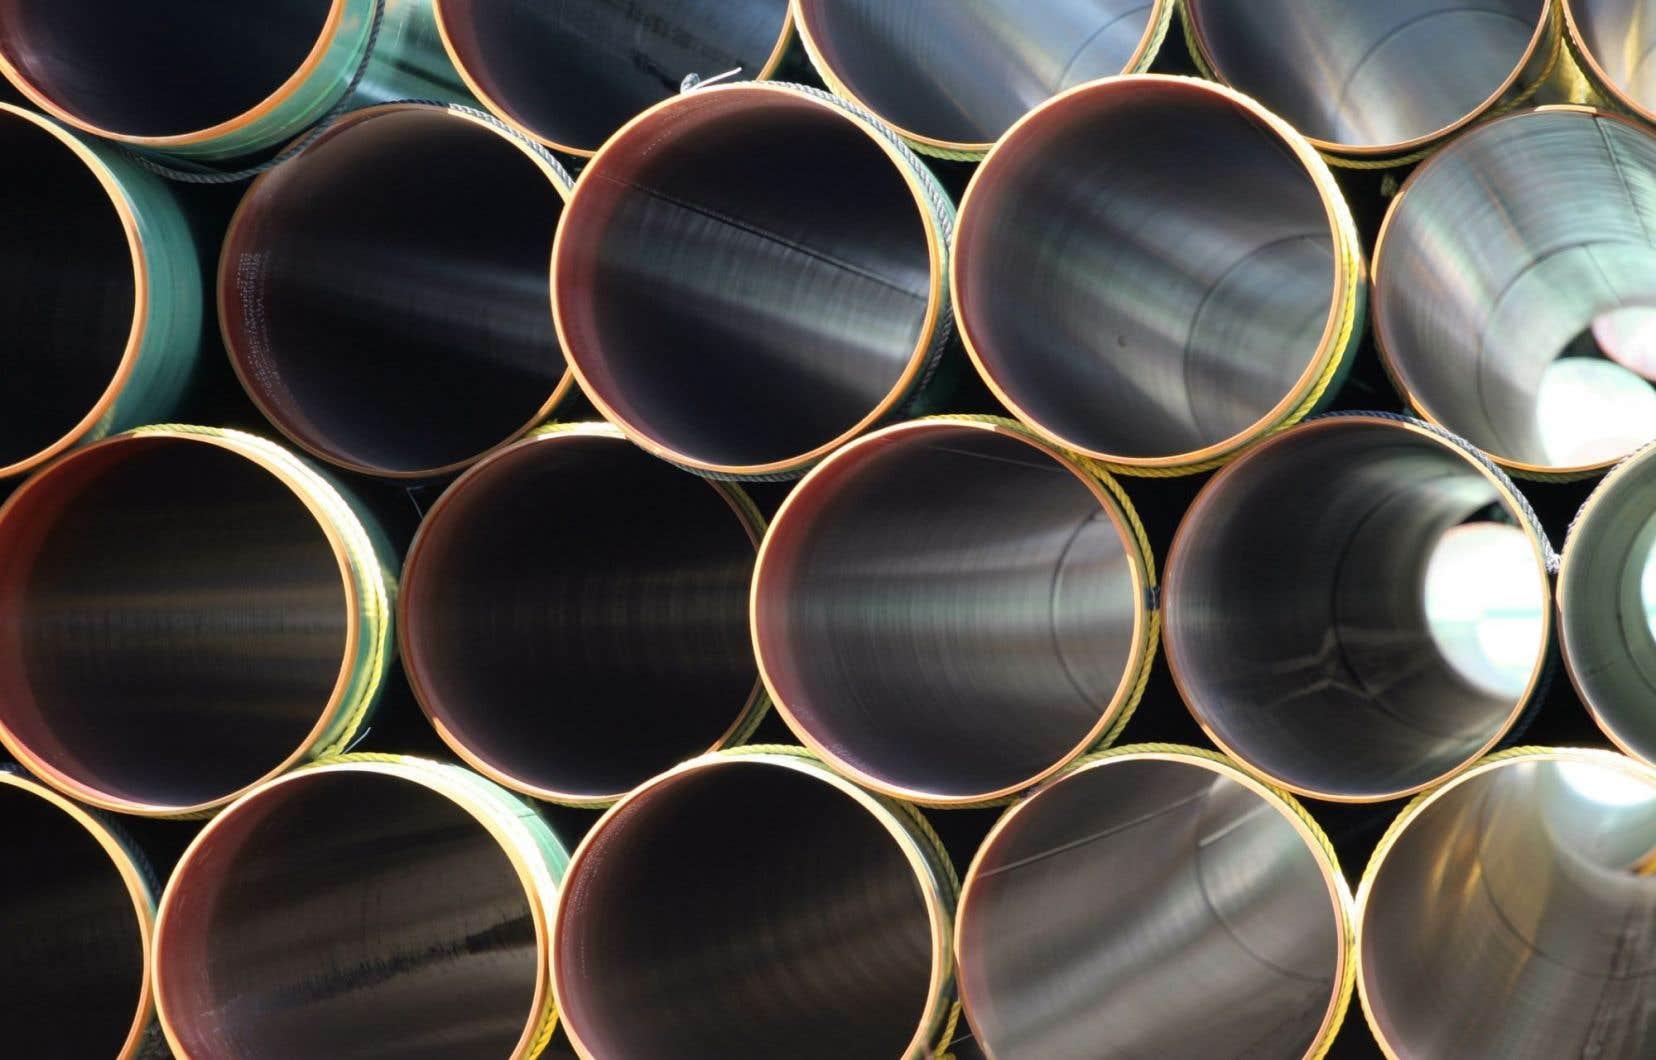 Devant le «refus» catégorique de TransCanada de discuter de la profondeur d'enfouissement de son gazoduc, un projet de 30millions de dollars, Pike River et l'UPA Montérégie ont dit ne pas vouloir poursuivre ce processus, qui aurait pu mener à une «entente à l'amiable».